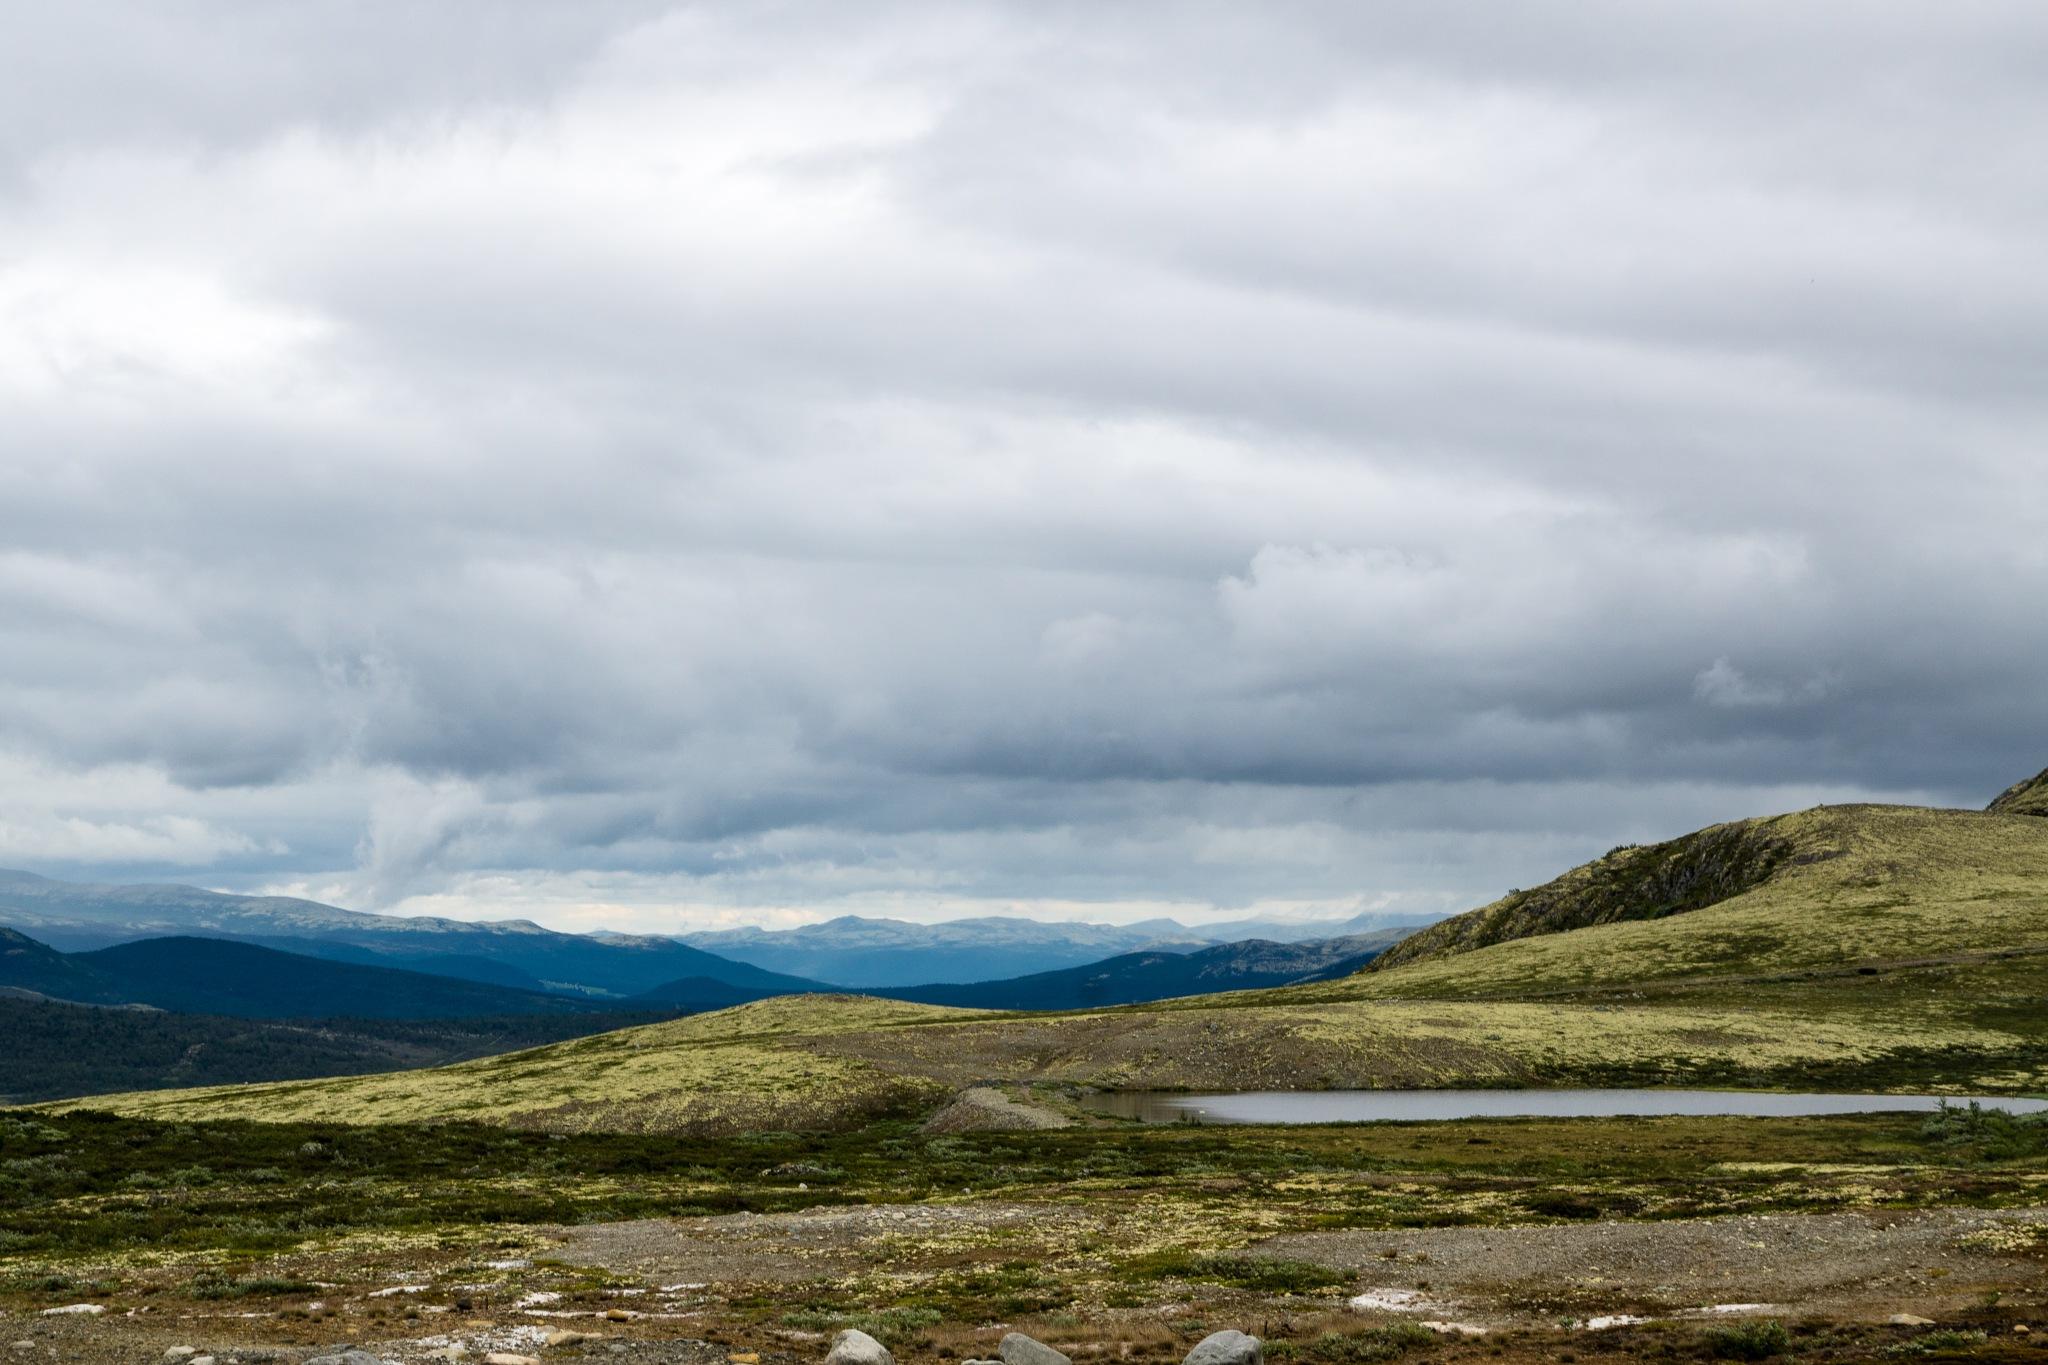 Mountain by Tormod Lindoe